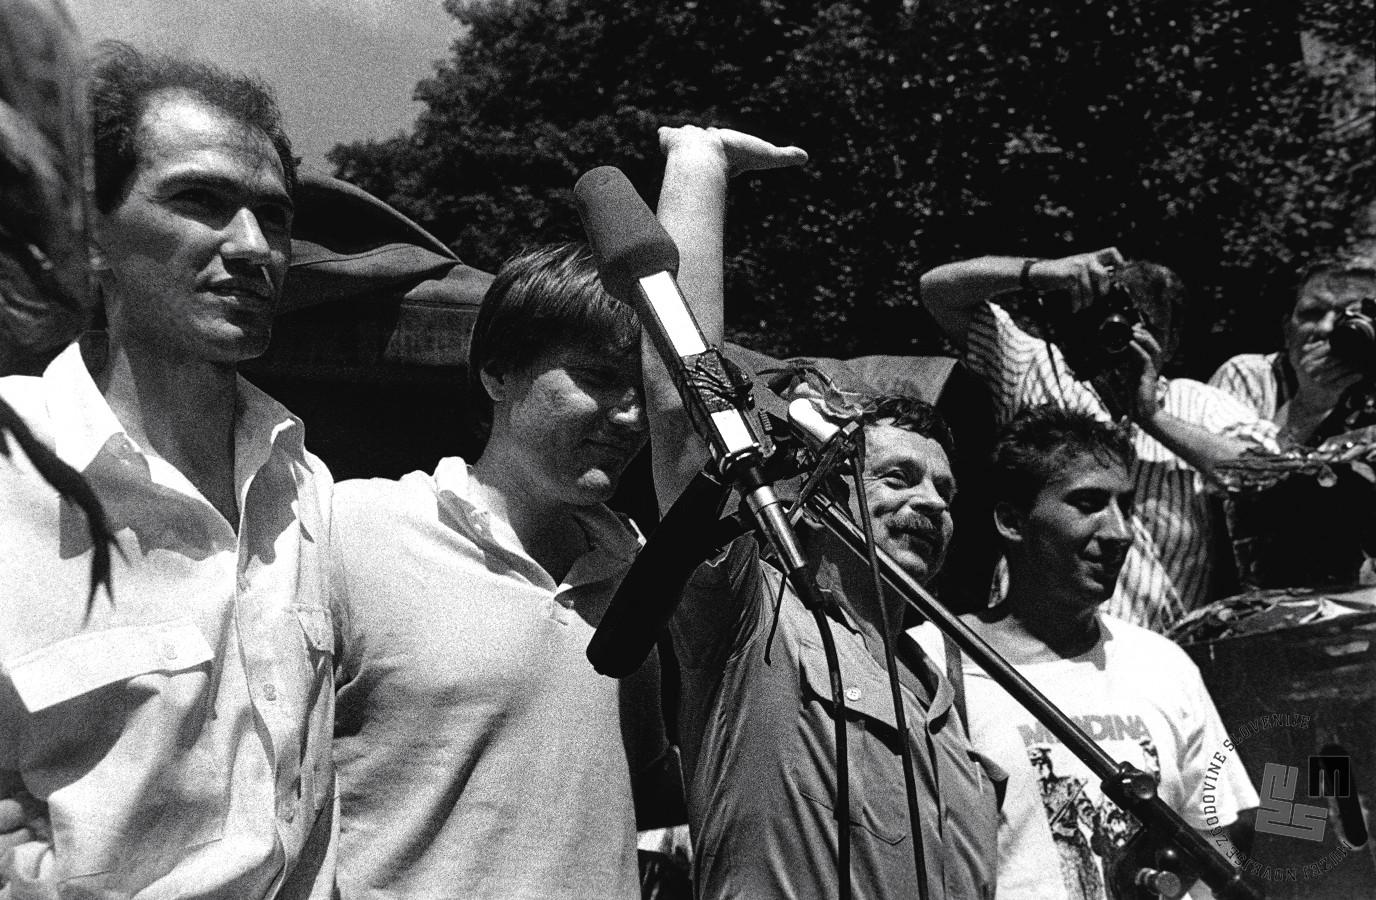 Sojenje Janši, Borštnerju, Tasiču in Zavrlu (ta se je edini od četverice branil s prostosti) se je končalo 18. julija. Četverico je na dan sodbe pred vojaškim sodiščem na Roški pričakala 10 tisoč glava množica podpornikov (foto: Tone Stojko, hrani Muzej novejše zgodovine Slovenije).